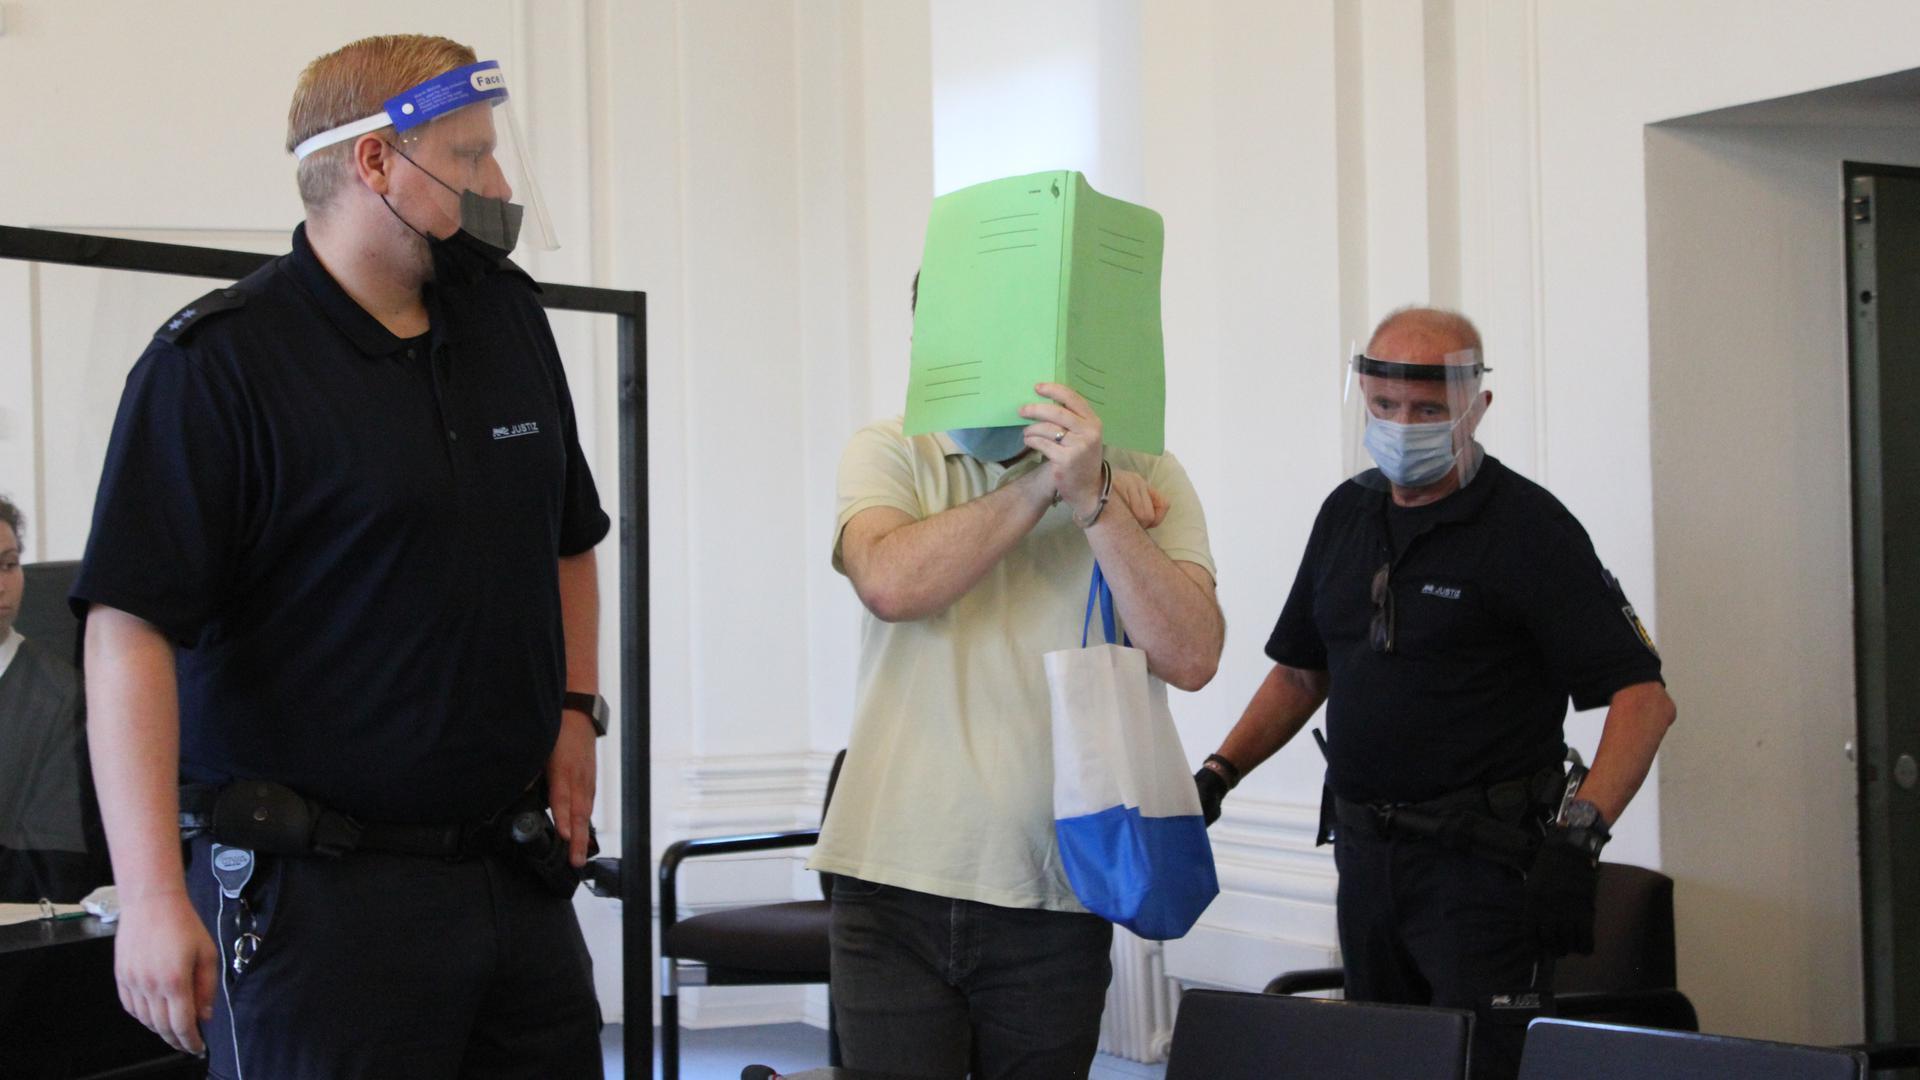 Zwei Sicherheitsleute führen den Angeklagten in den Schwurgerichtssaal.